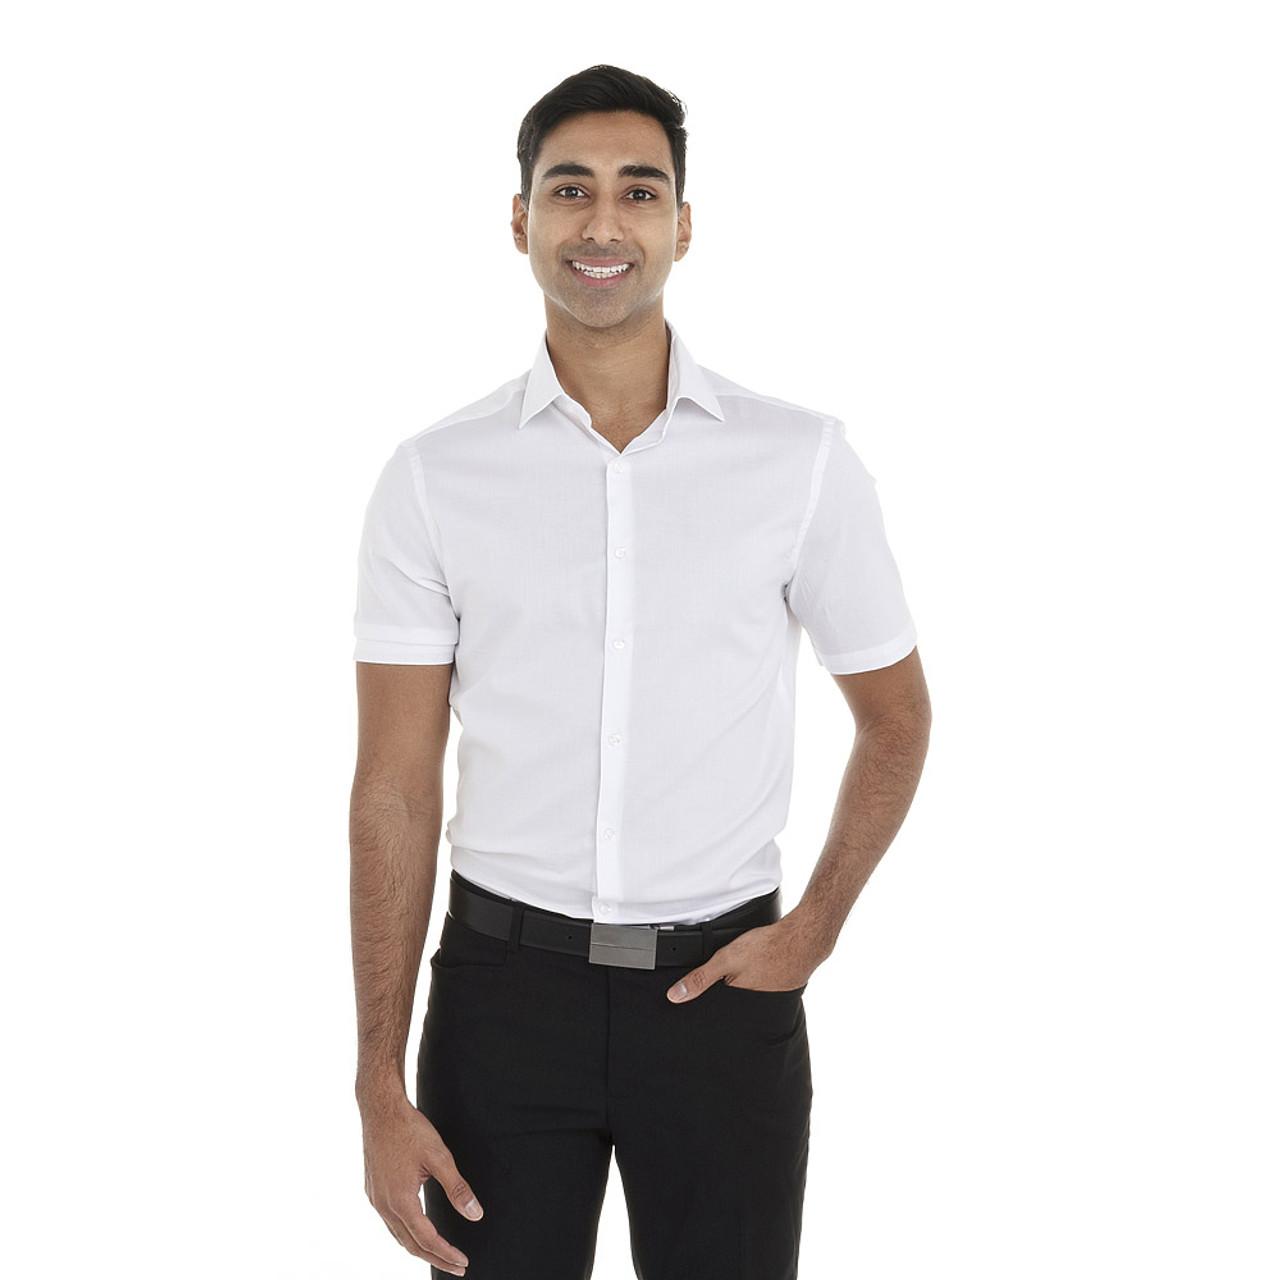 White - 18CV317 Van Heusen Short Sleeve Dress Twill Shirt   T-shirt.ca